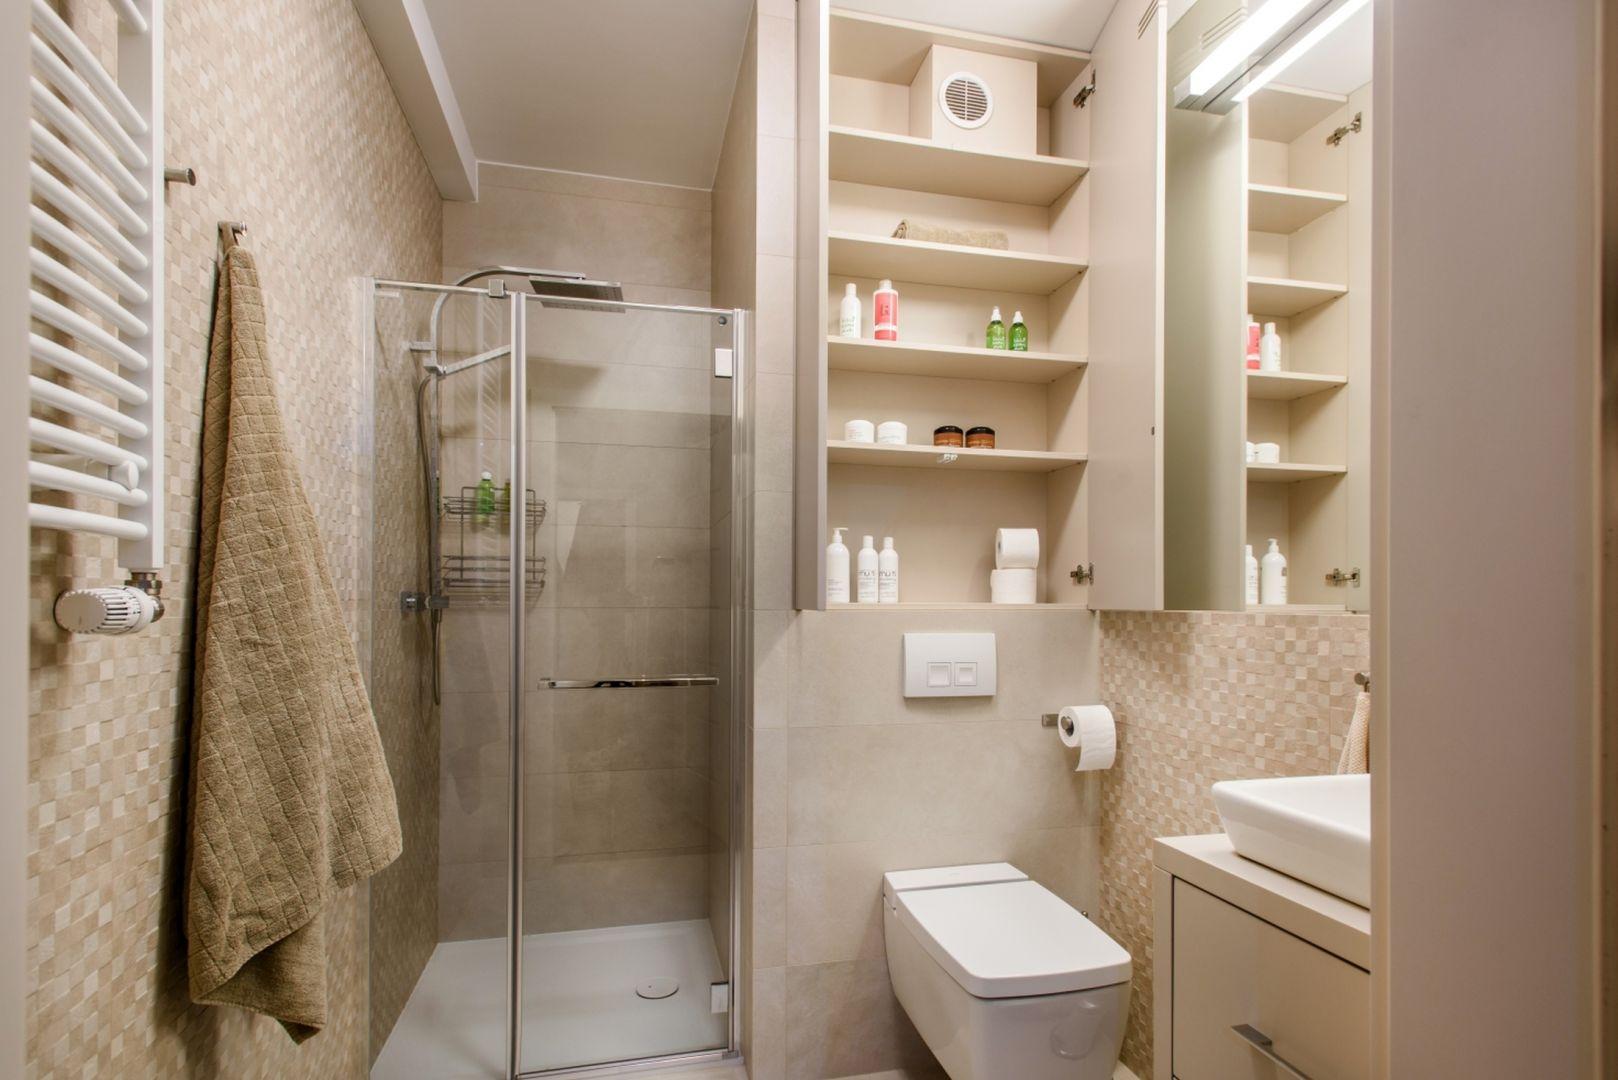 Szafka nad wc w łazience. Fot. Komandor